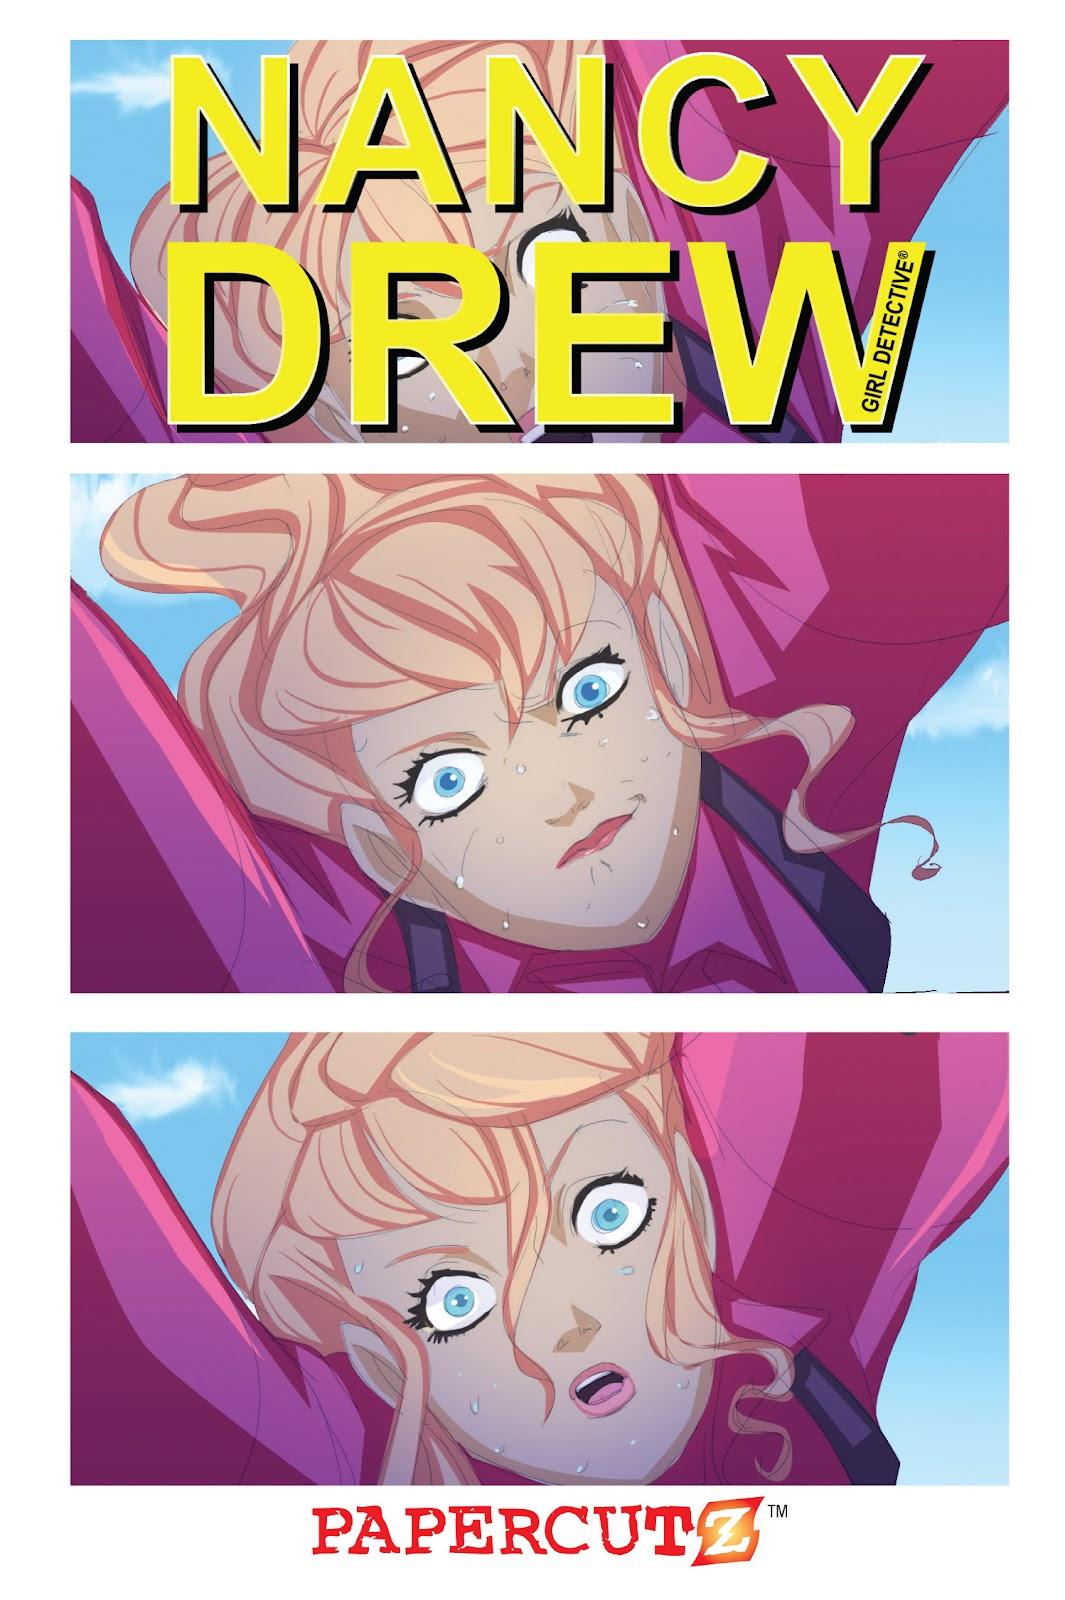 Read online Nancy Drew comic -  Issue #19 - 2